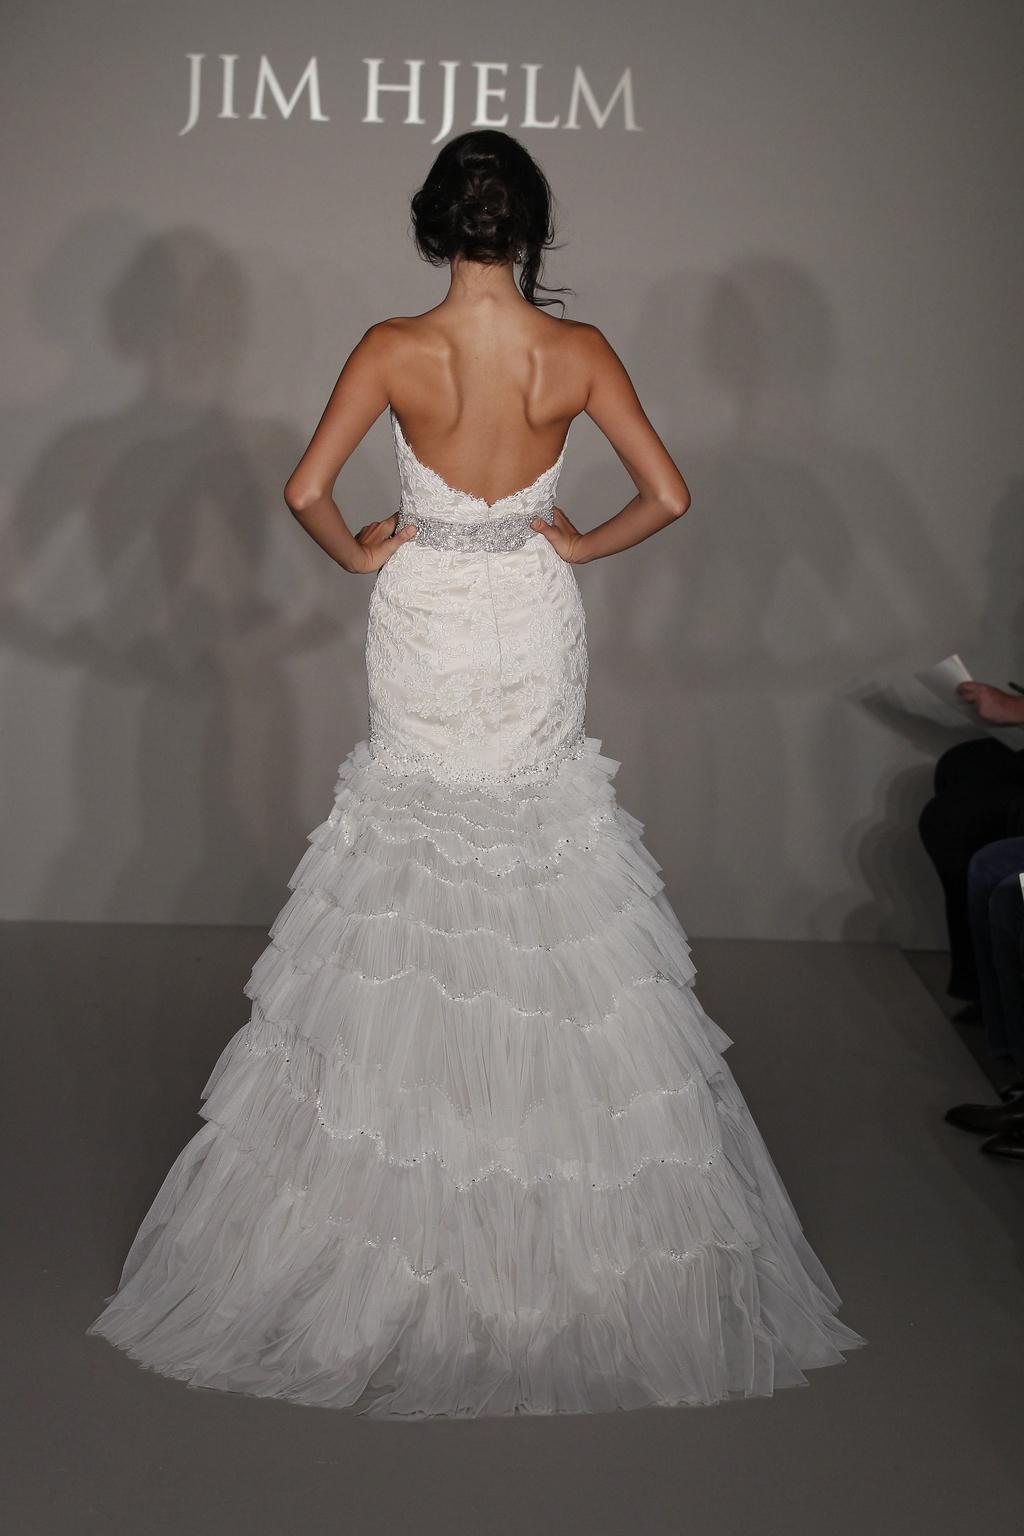 Jim-hjelm-wedding-dress-spring-2012-bridal-gowns-8218-back.full